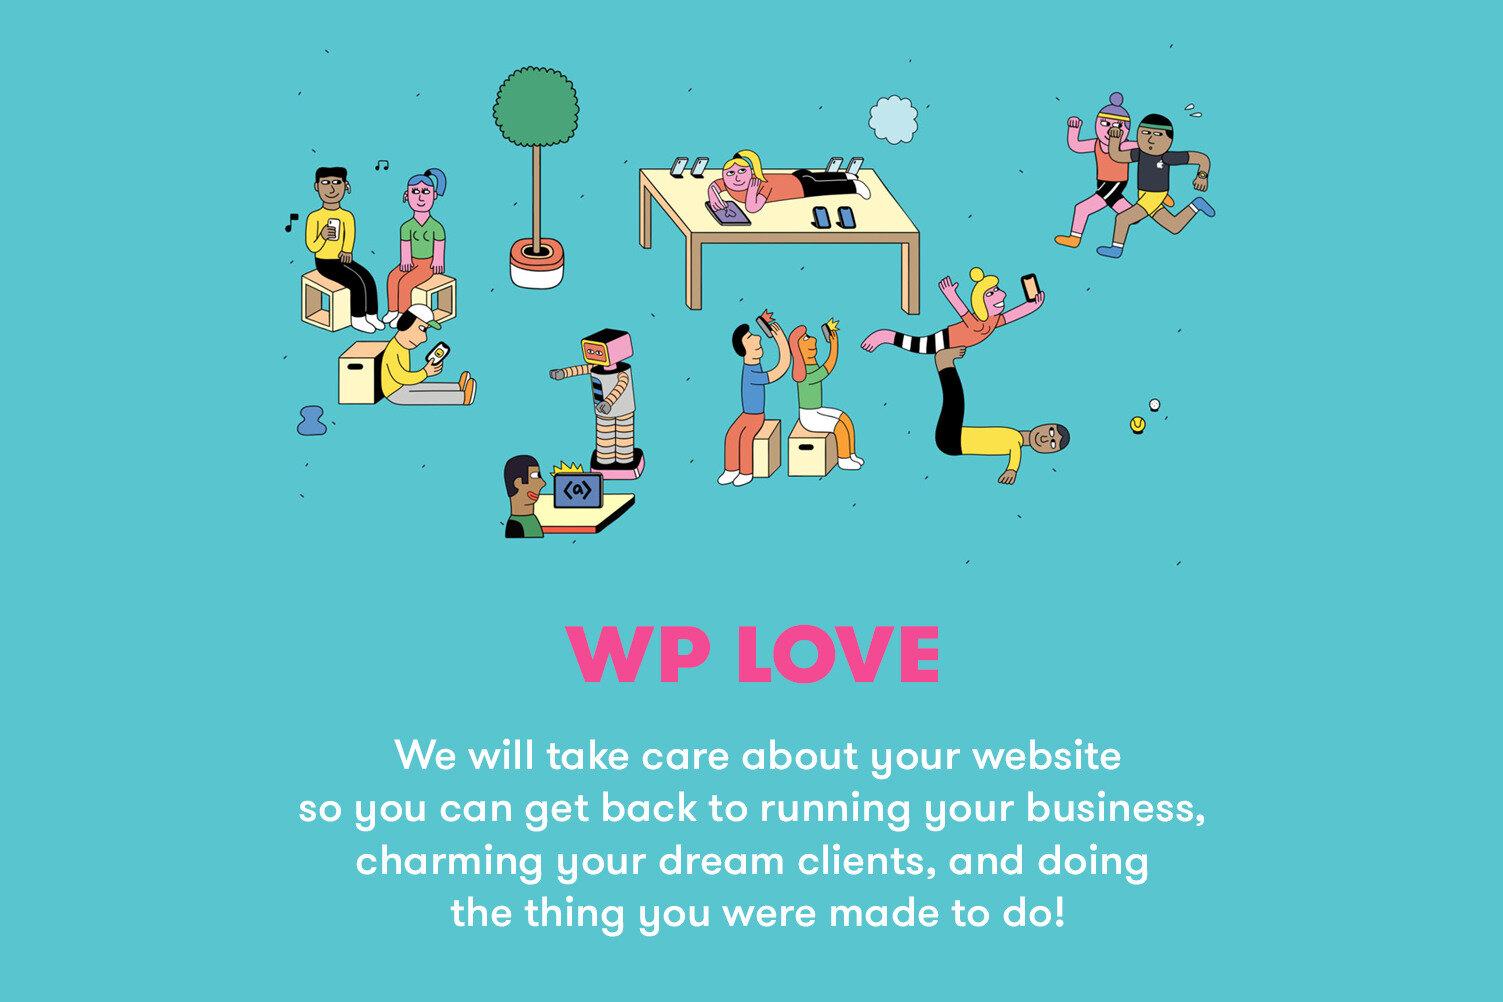 wp love uai